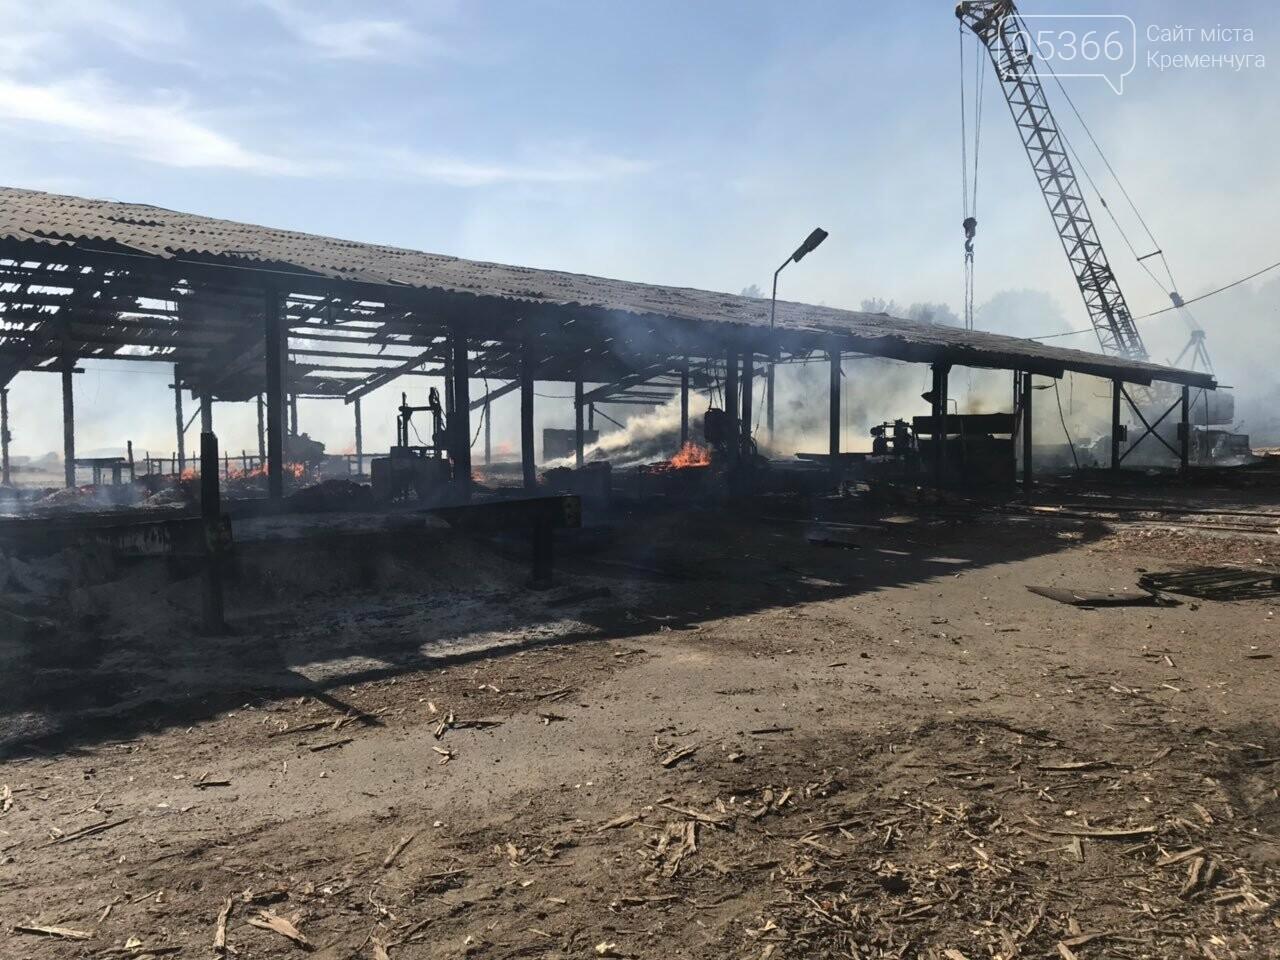 У Кременчуцькому районі вогонь знищив базу з переробки лісоматеріалів. Фото, фото-4